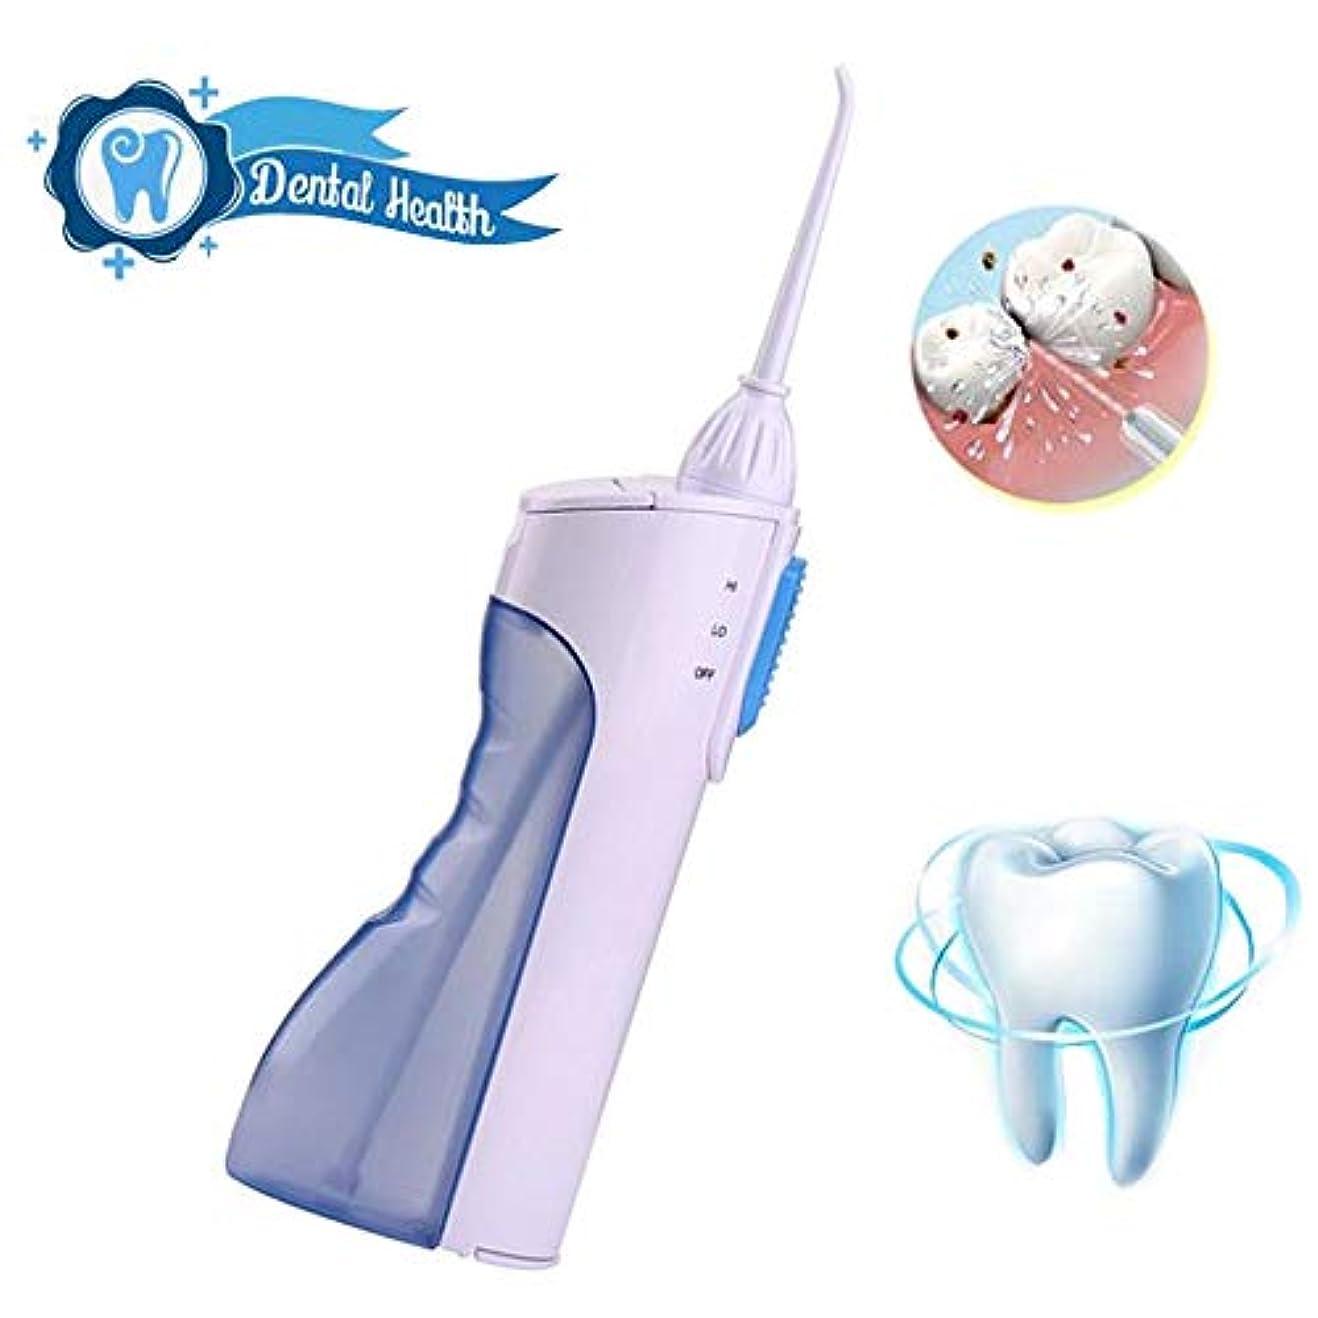 下着塩辛い確かめる歯のための水フロッサー、165mlタンクと2つのジェット機の先端が付いている携帯用専門のコードレス歯科口頭潅漑器、2つのクリーニングモード